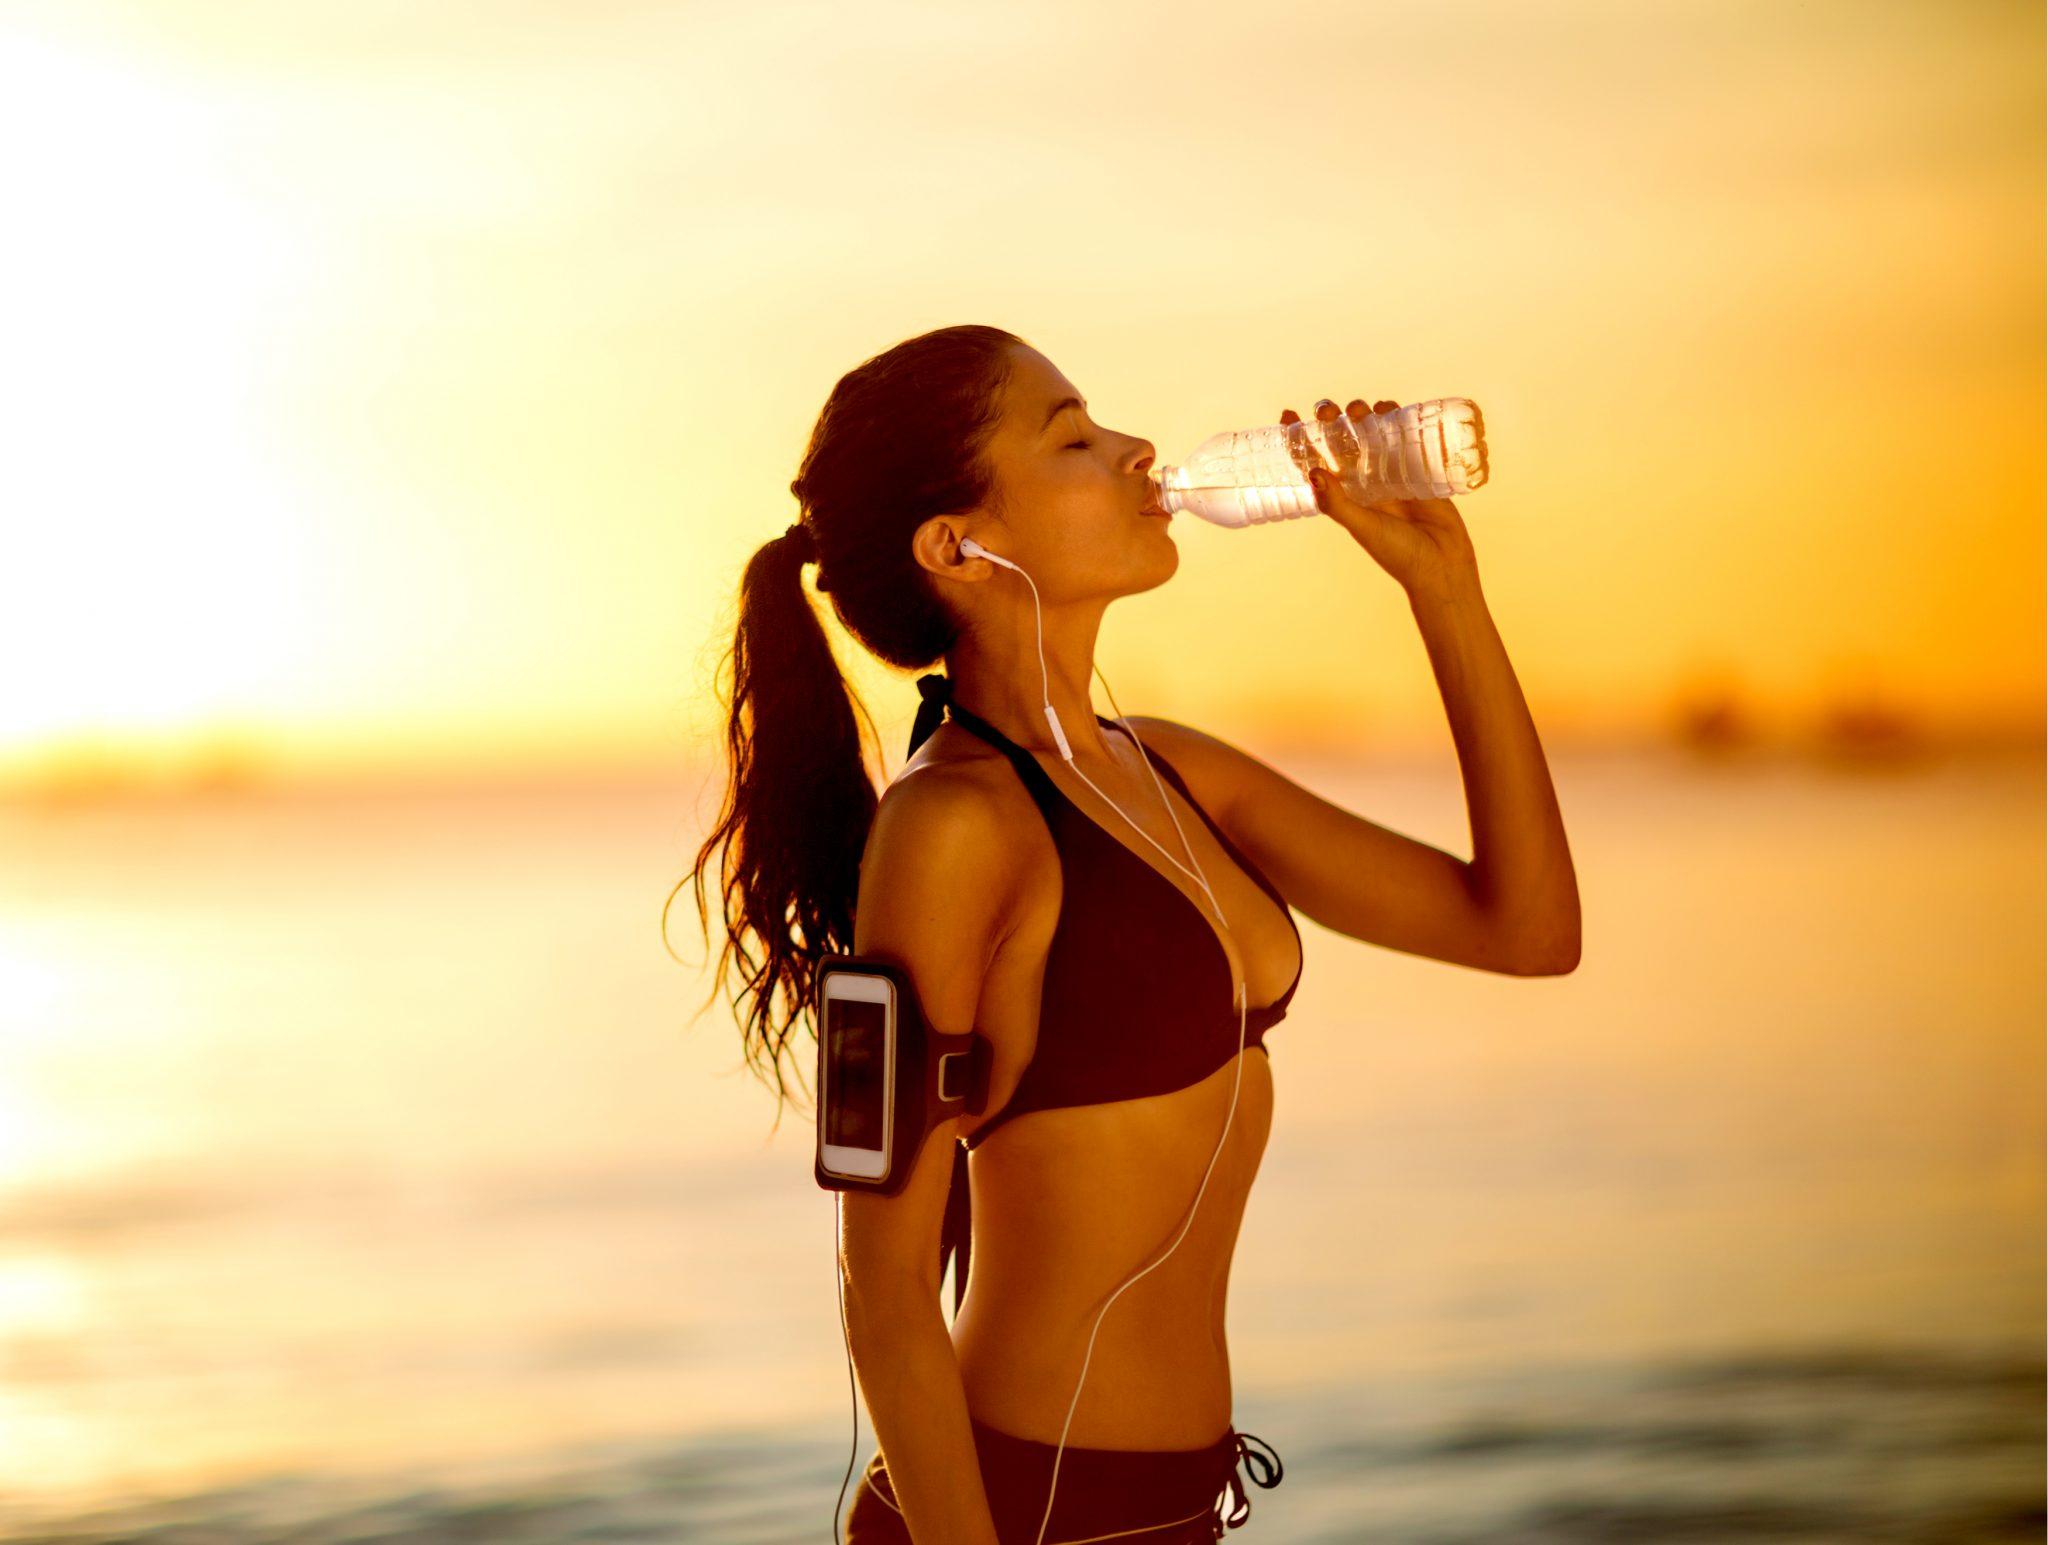 水分補給している運動中の女性